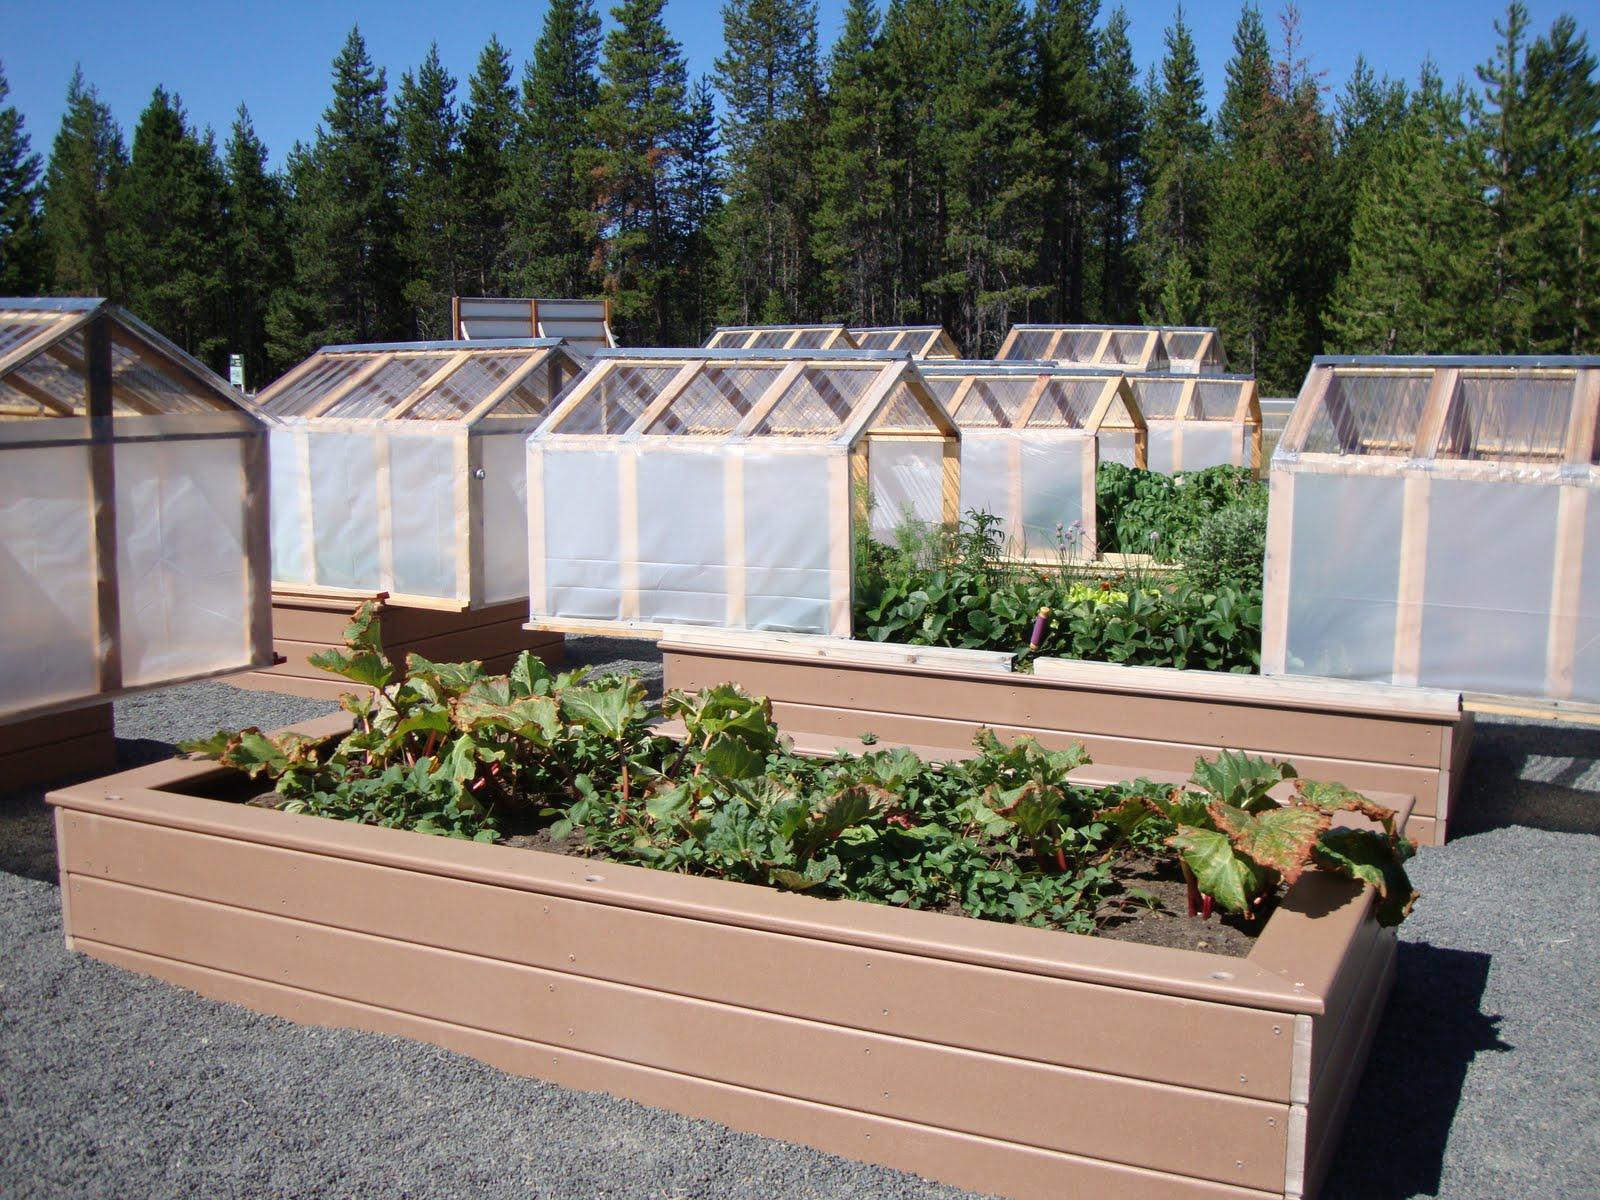 Danger Garden Mini Greenhouses Or Raised Beds Both